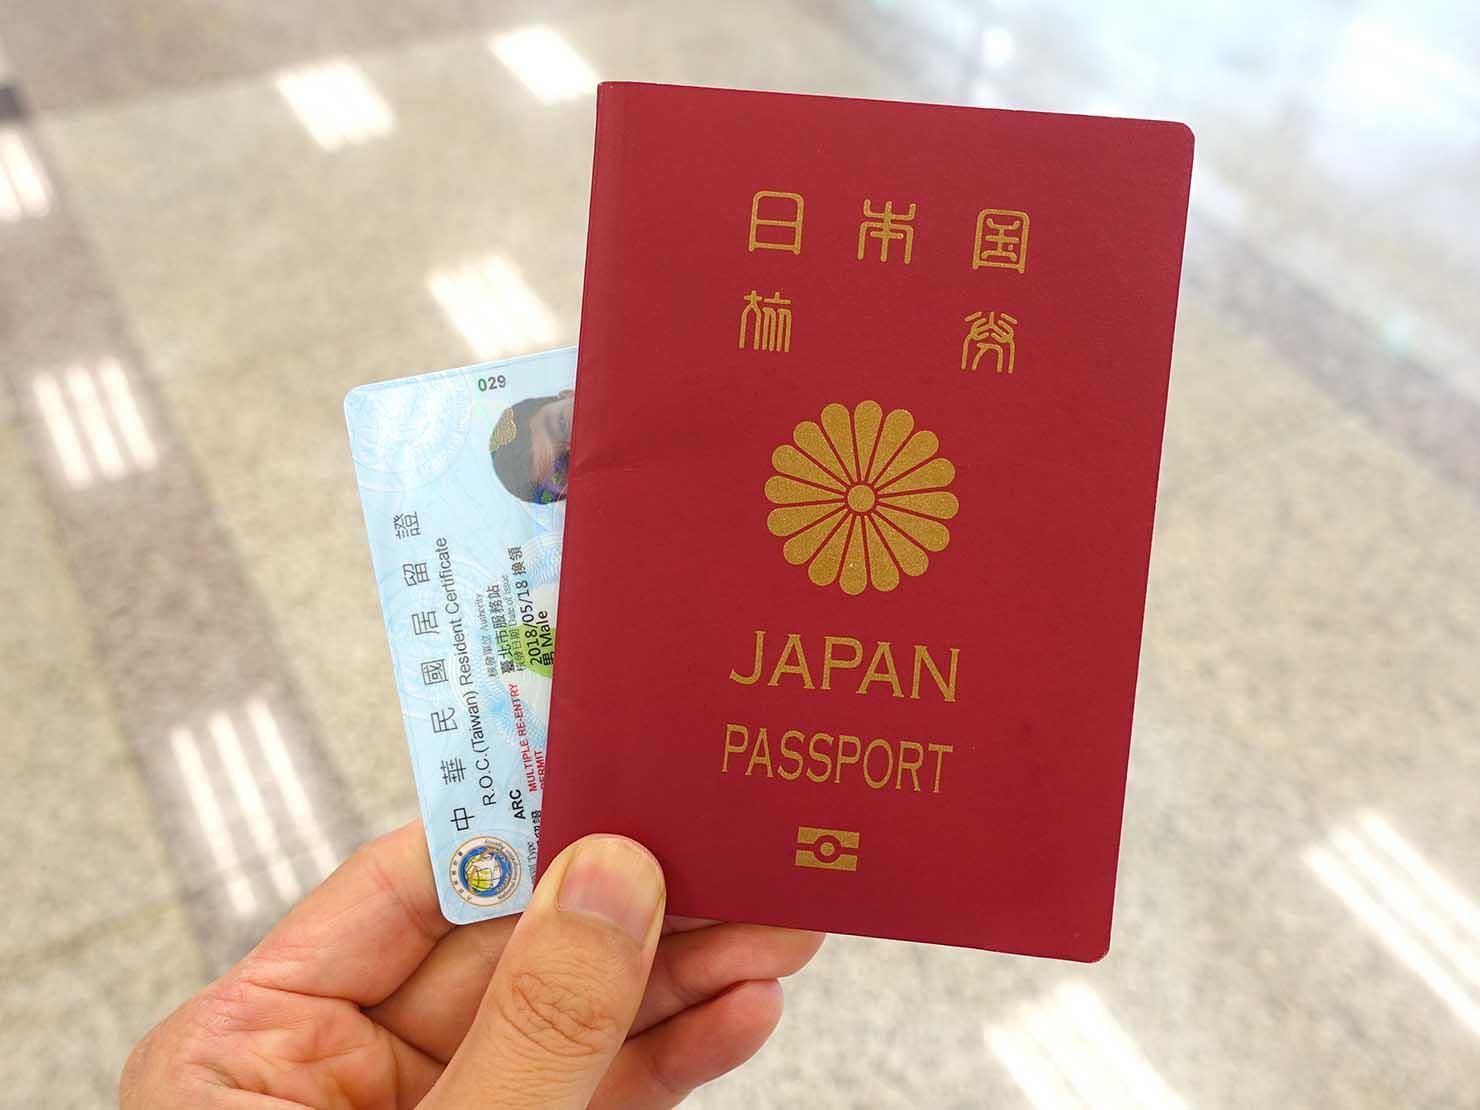 台北・松山空港の中華電信カウンターでSIMカード受け取りに必要な身分証明